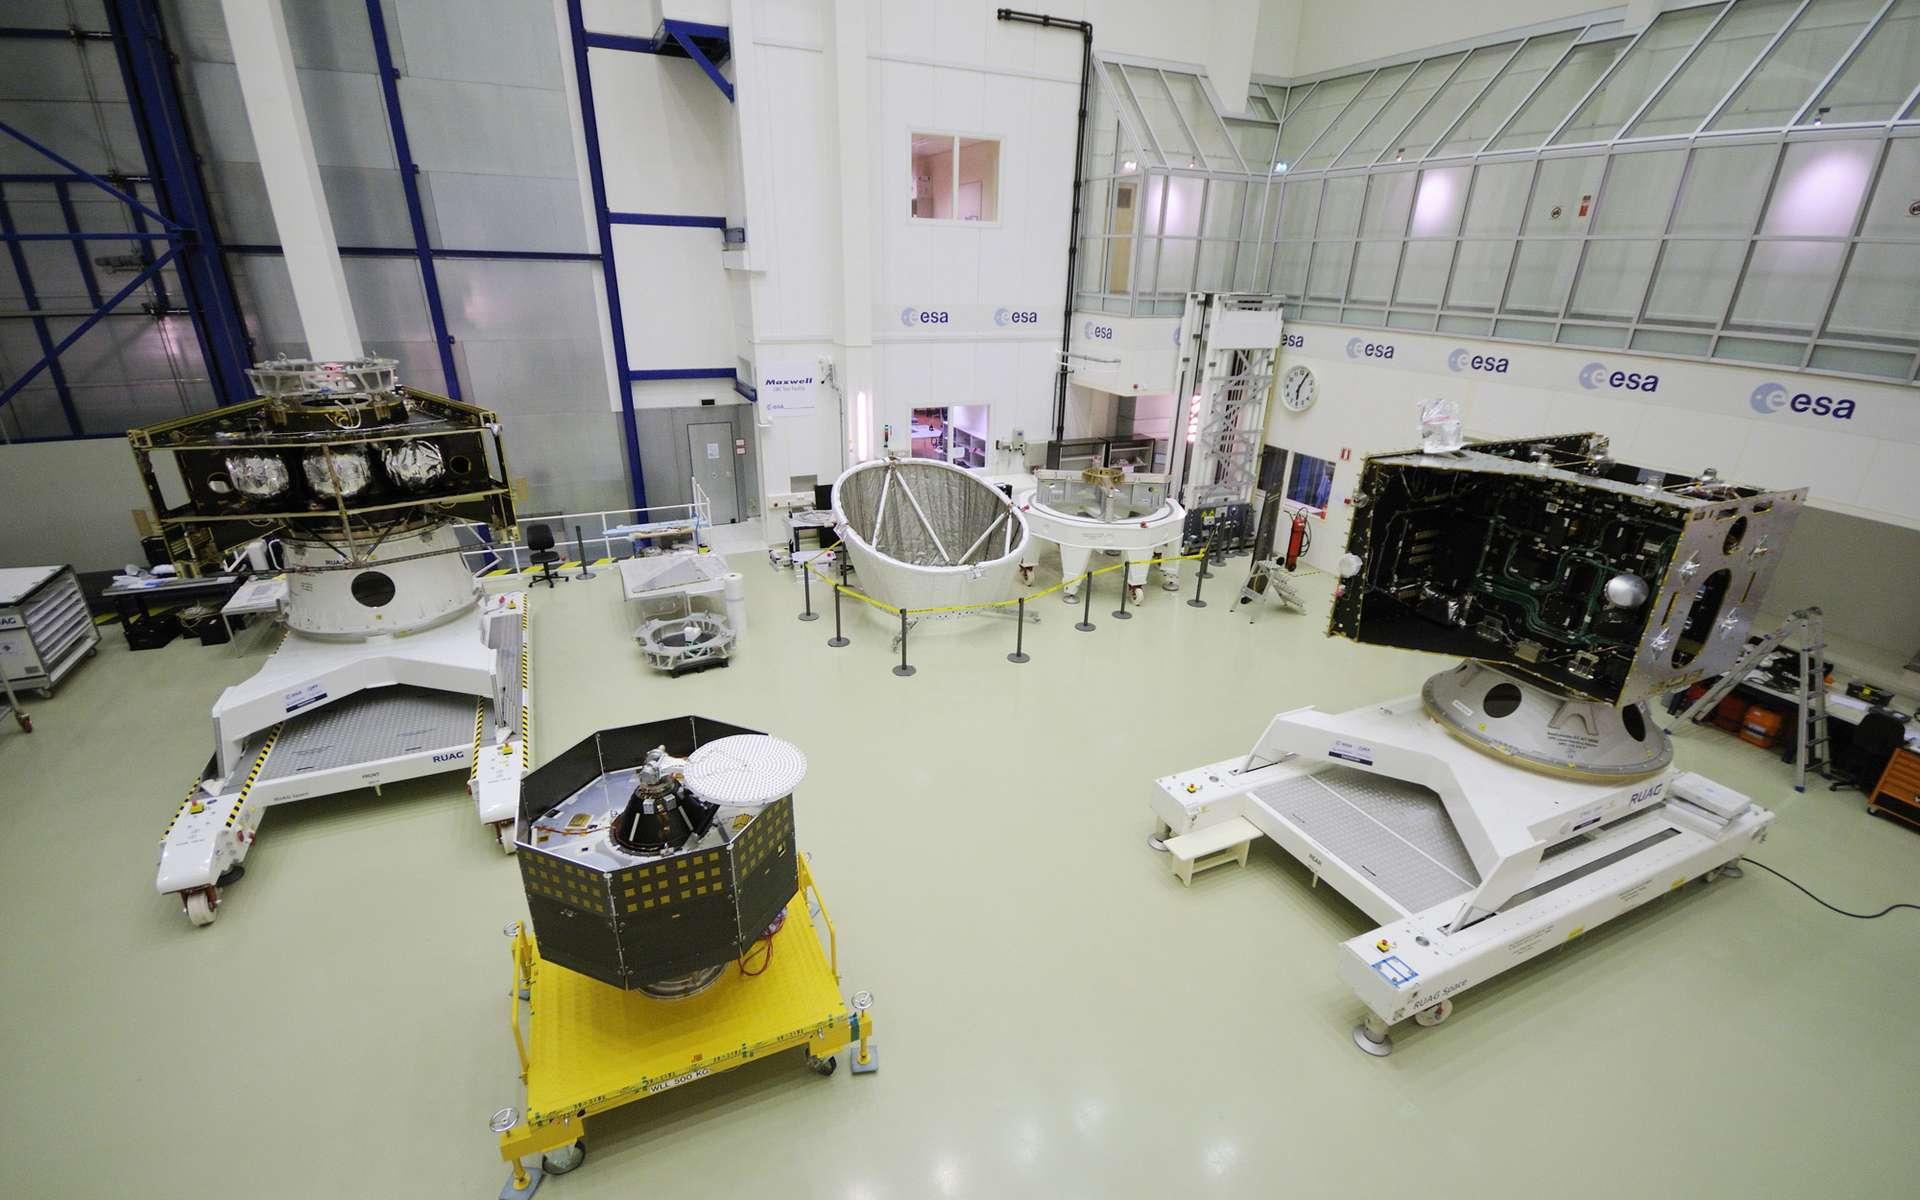 Réunis pour la première fois, l'ensemble des modules qui forment la mission BepiColombo à destination de Mercure. Au premier plan, le modèle structurel et thermique de l'orbiteur MPO (à droite) et le modèle structurel de l'orbiteur MMO. À l'arrière plan à gauche, le modèle structurel et thermique du module de transfert et au fond à droite le bouclier solaire et la structure qui fera l'interface entre les deux orbiteurs lorsqu'ils seront intégrés en configuration de lancement. © Esa